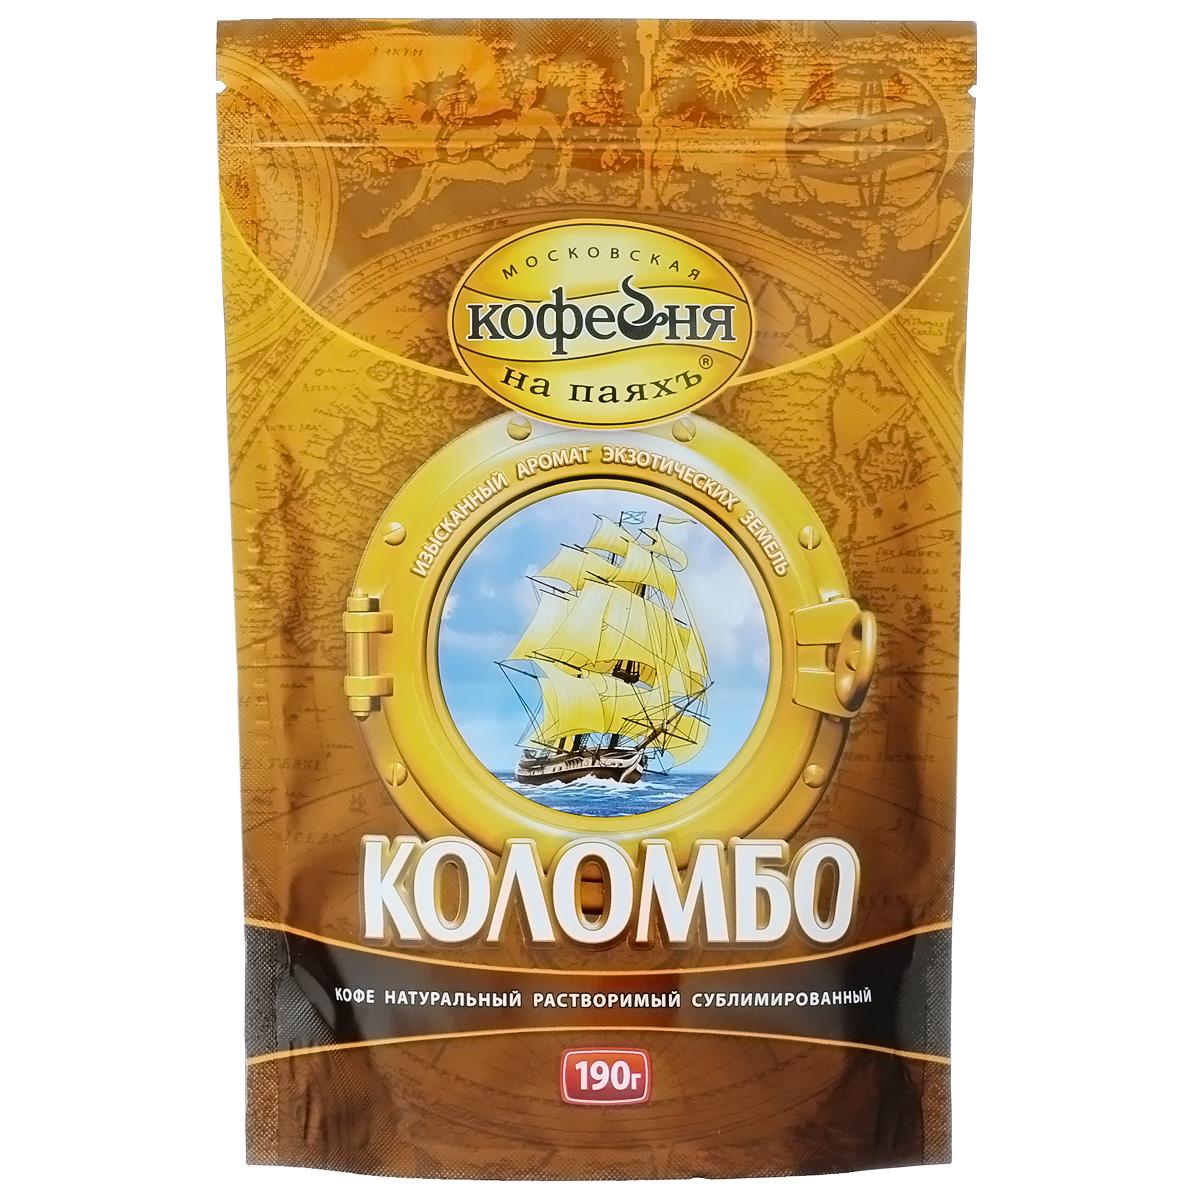 Московская кофейня на паяхъ Коломбо кофе рaстворимый, пакет 190 г4601985003404